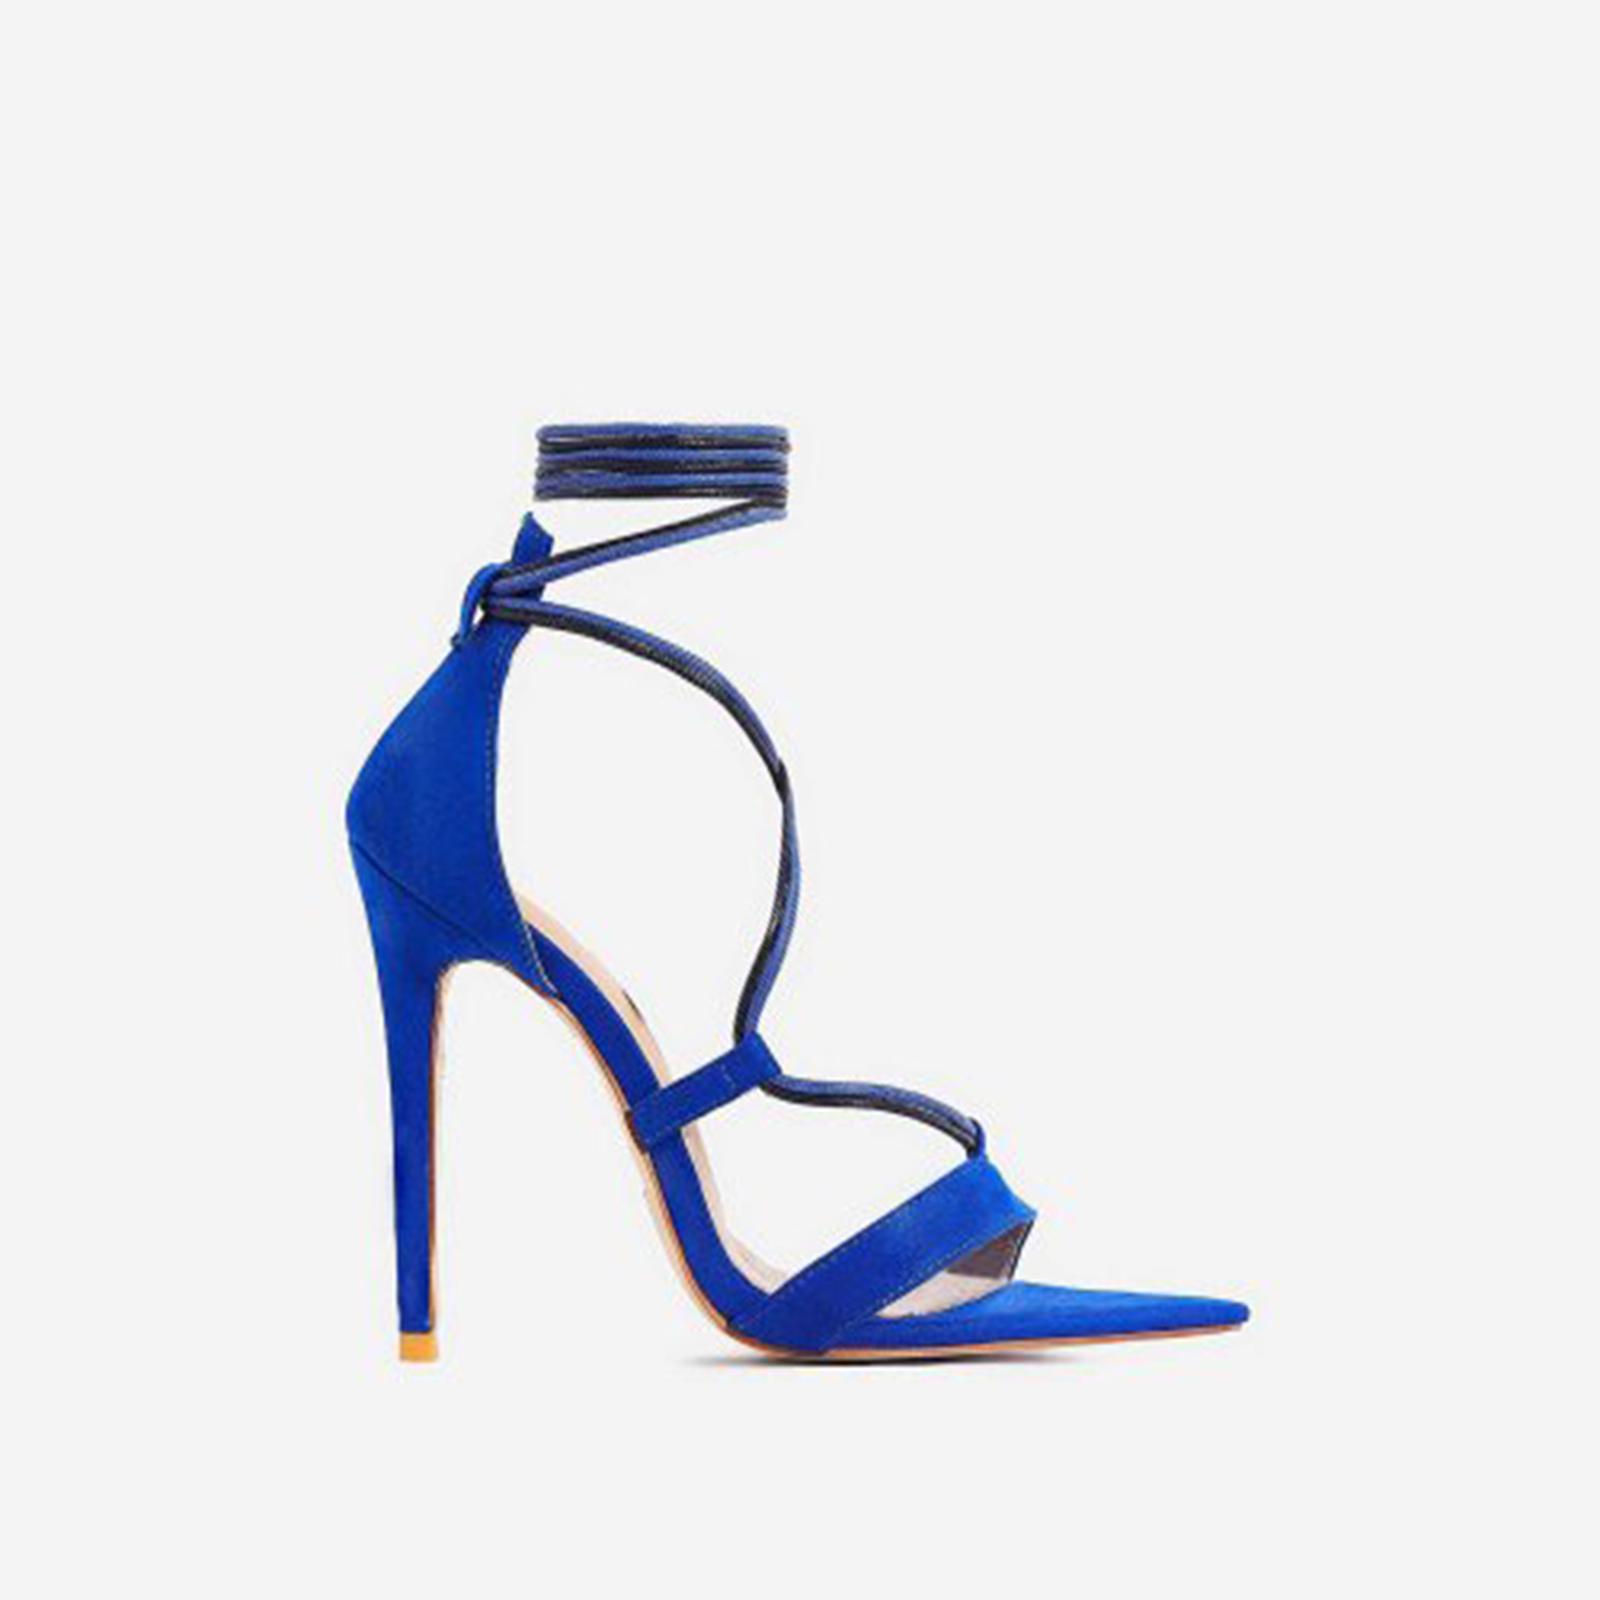 Azalea Double Lace Up Heel In Blue Faux Suede